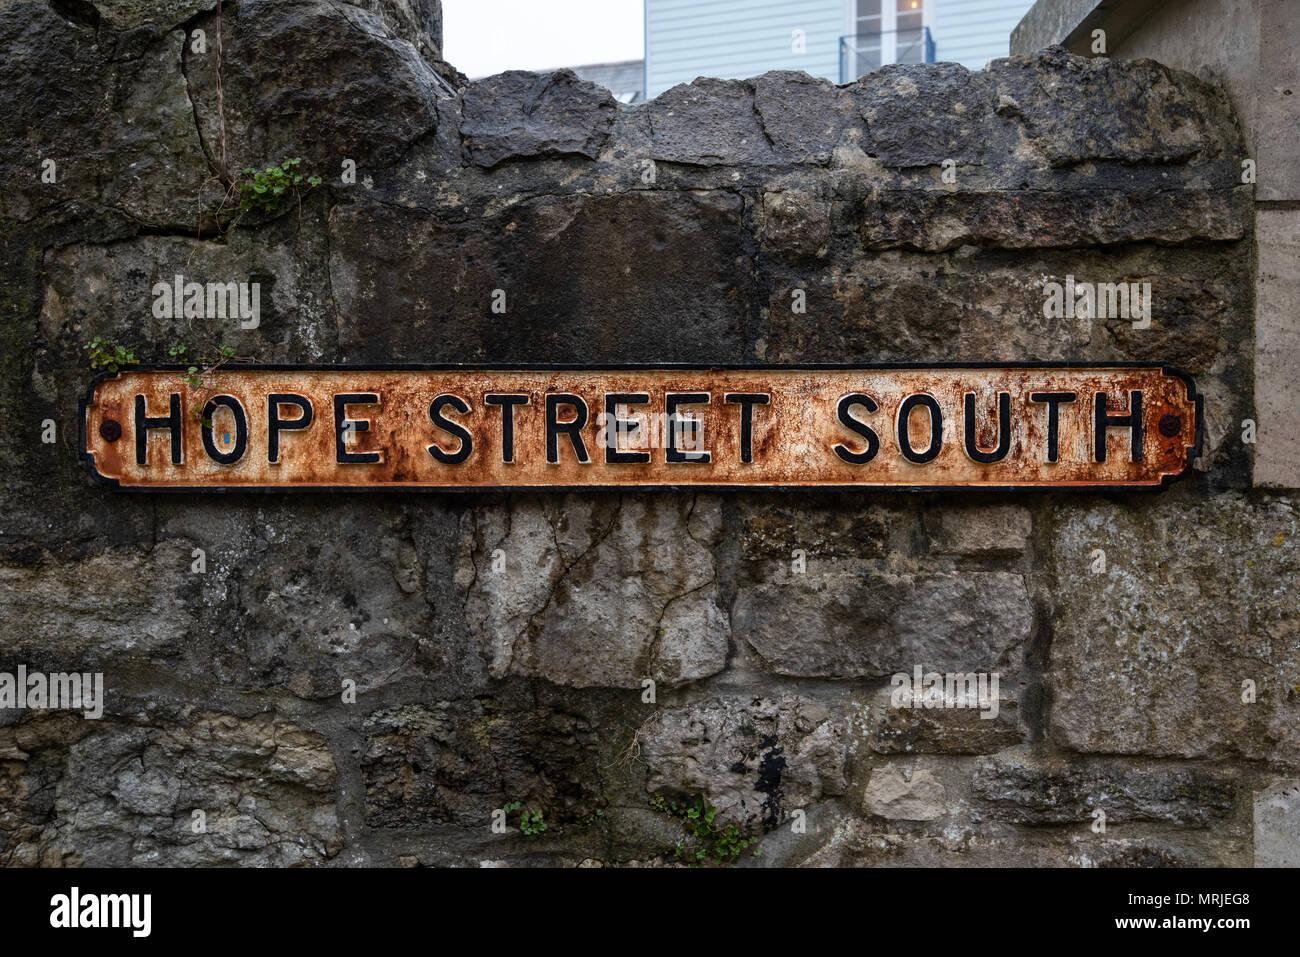 Hope Street South, una vieja y desgastada la oxidación de metales nombre de calle signo adjunta a un viejo muro de mampostería de piedra. Foto de stock